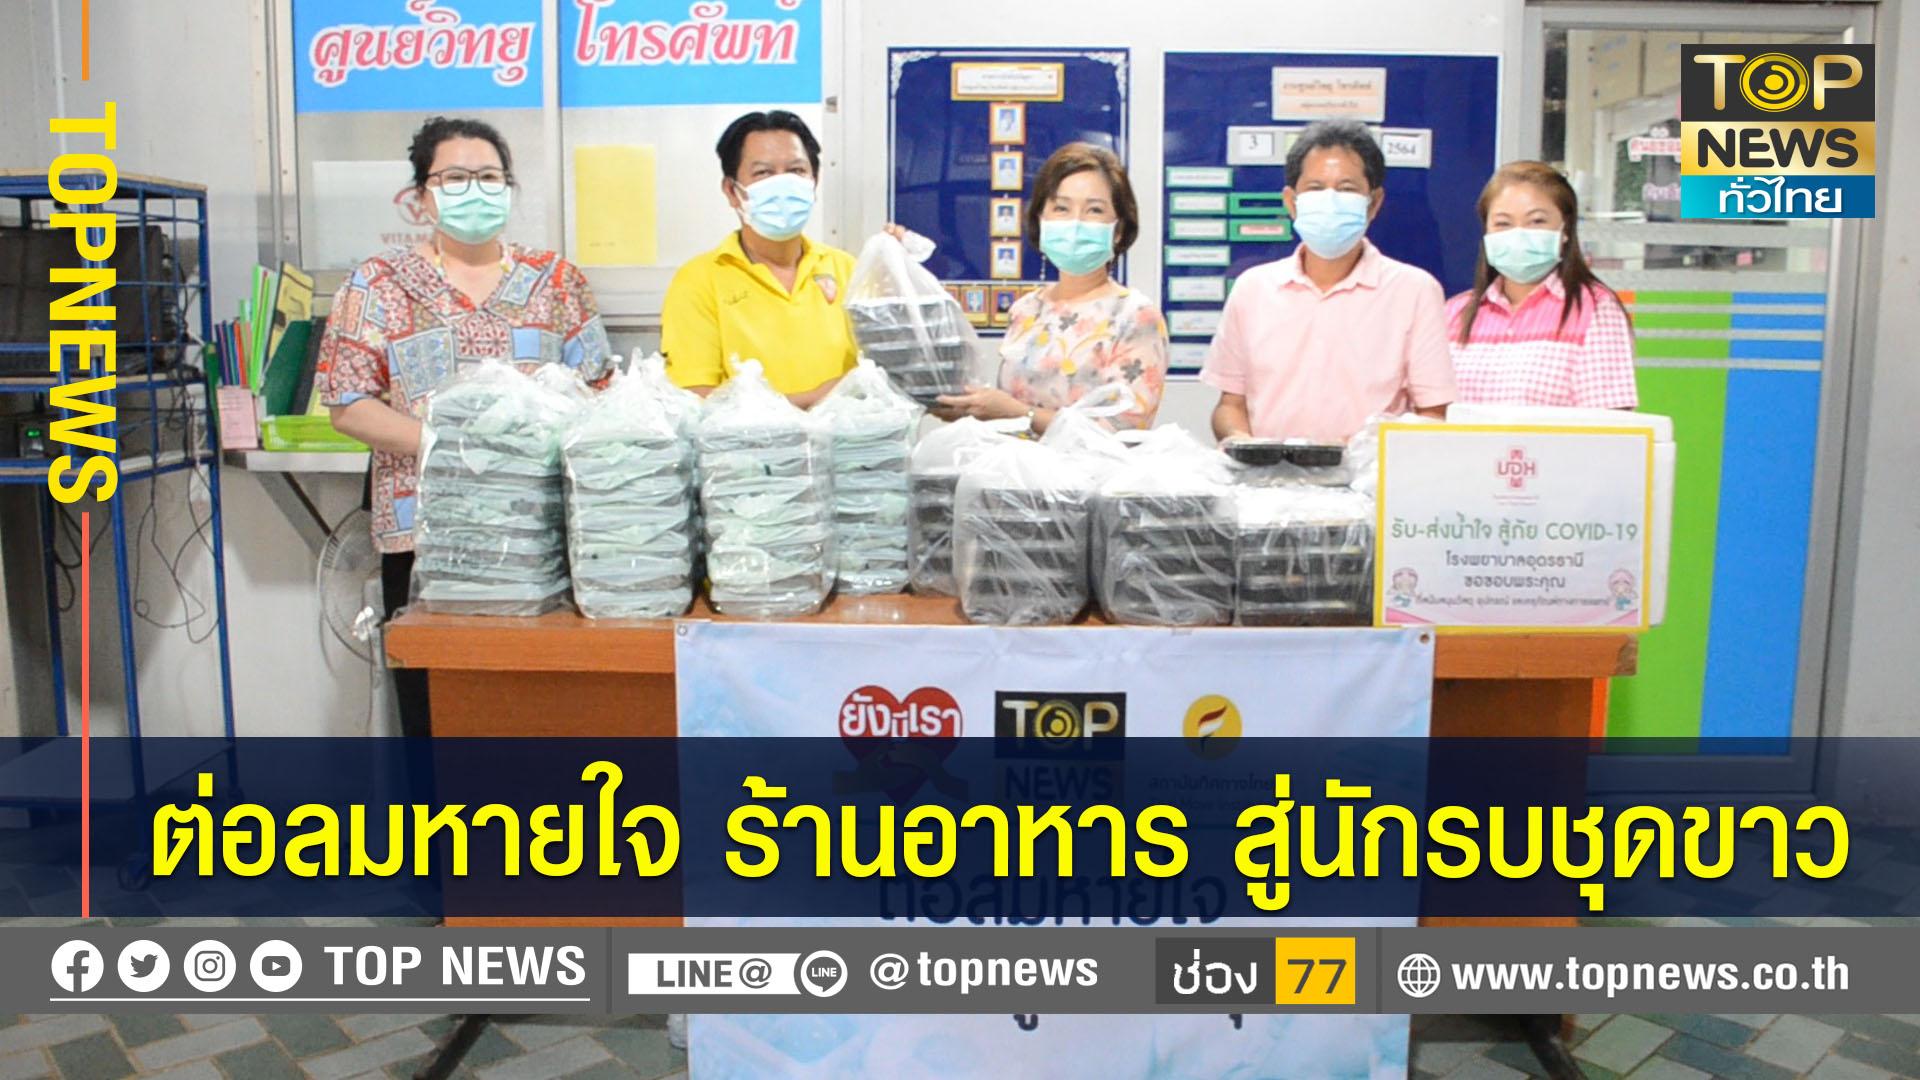 """""""ท็อปนิวส์"""" มอบอาหาร 1,600 กล่อง ให้บุคลากรทางการแพทย์ ที่ รพ.ศูนย์อุดรธานี"""